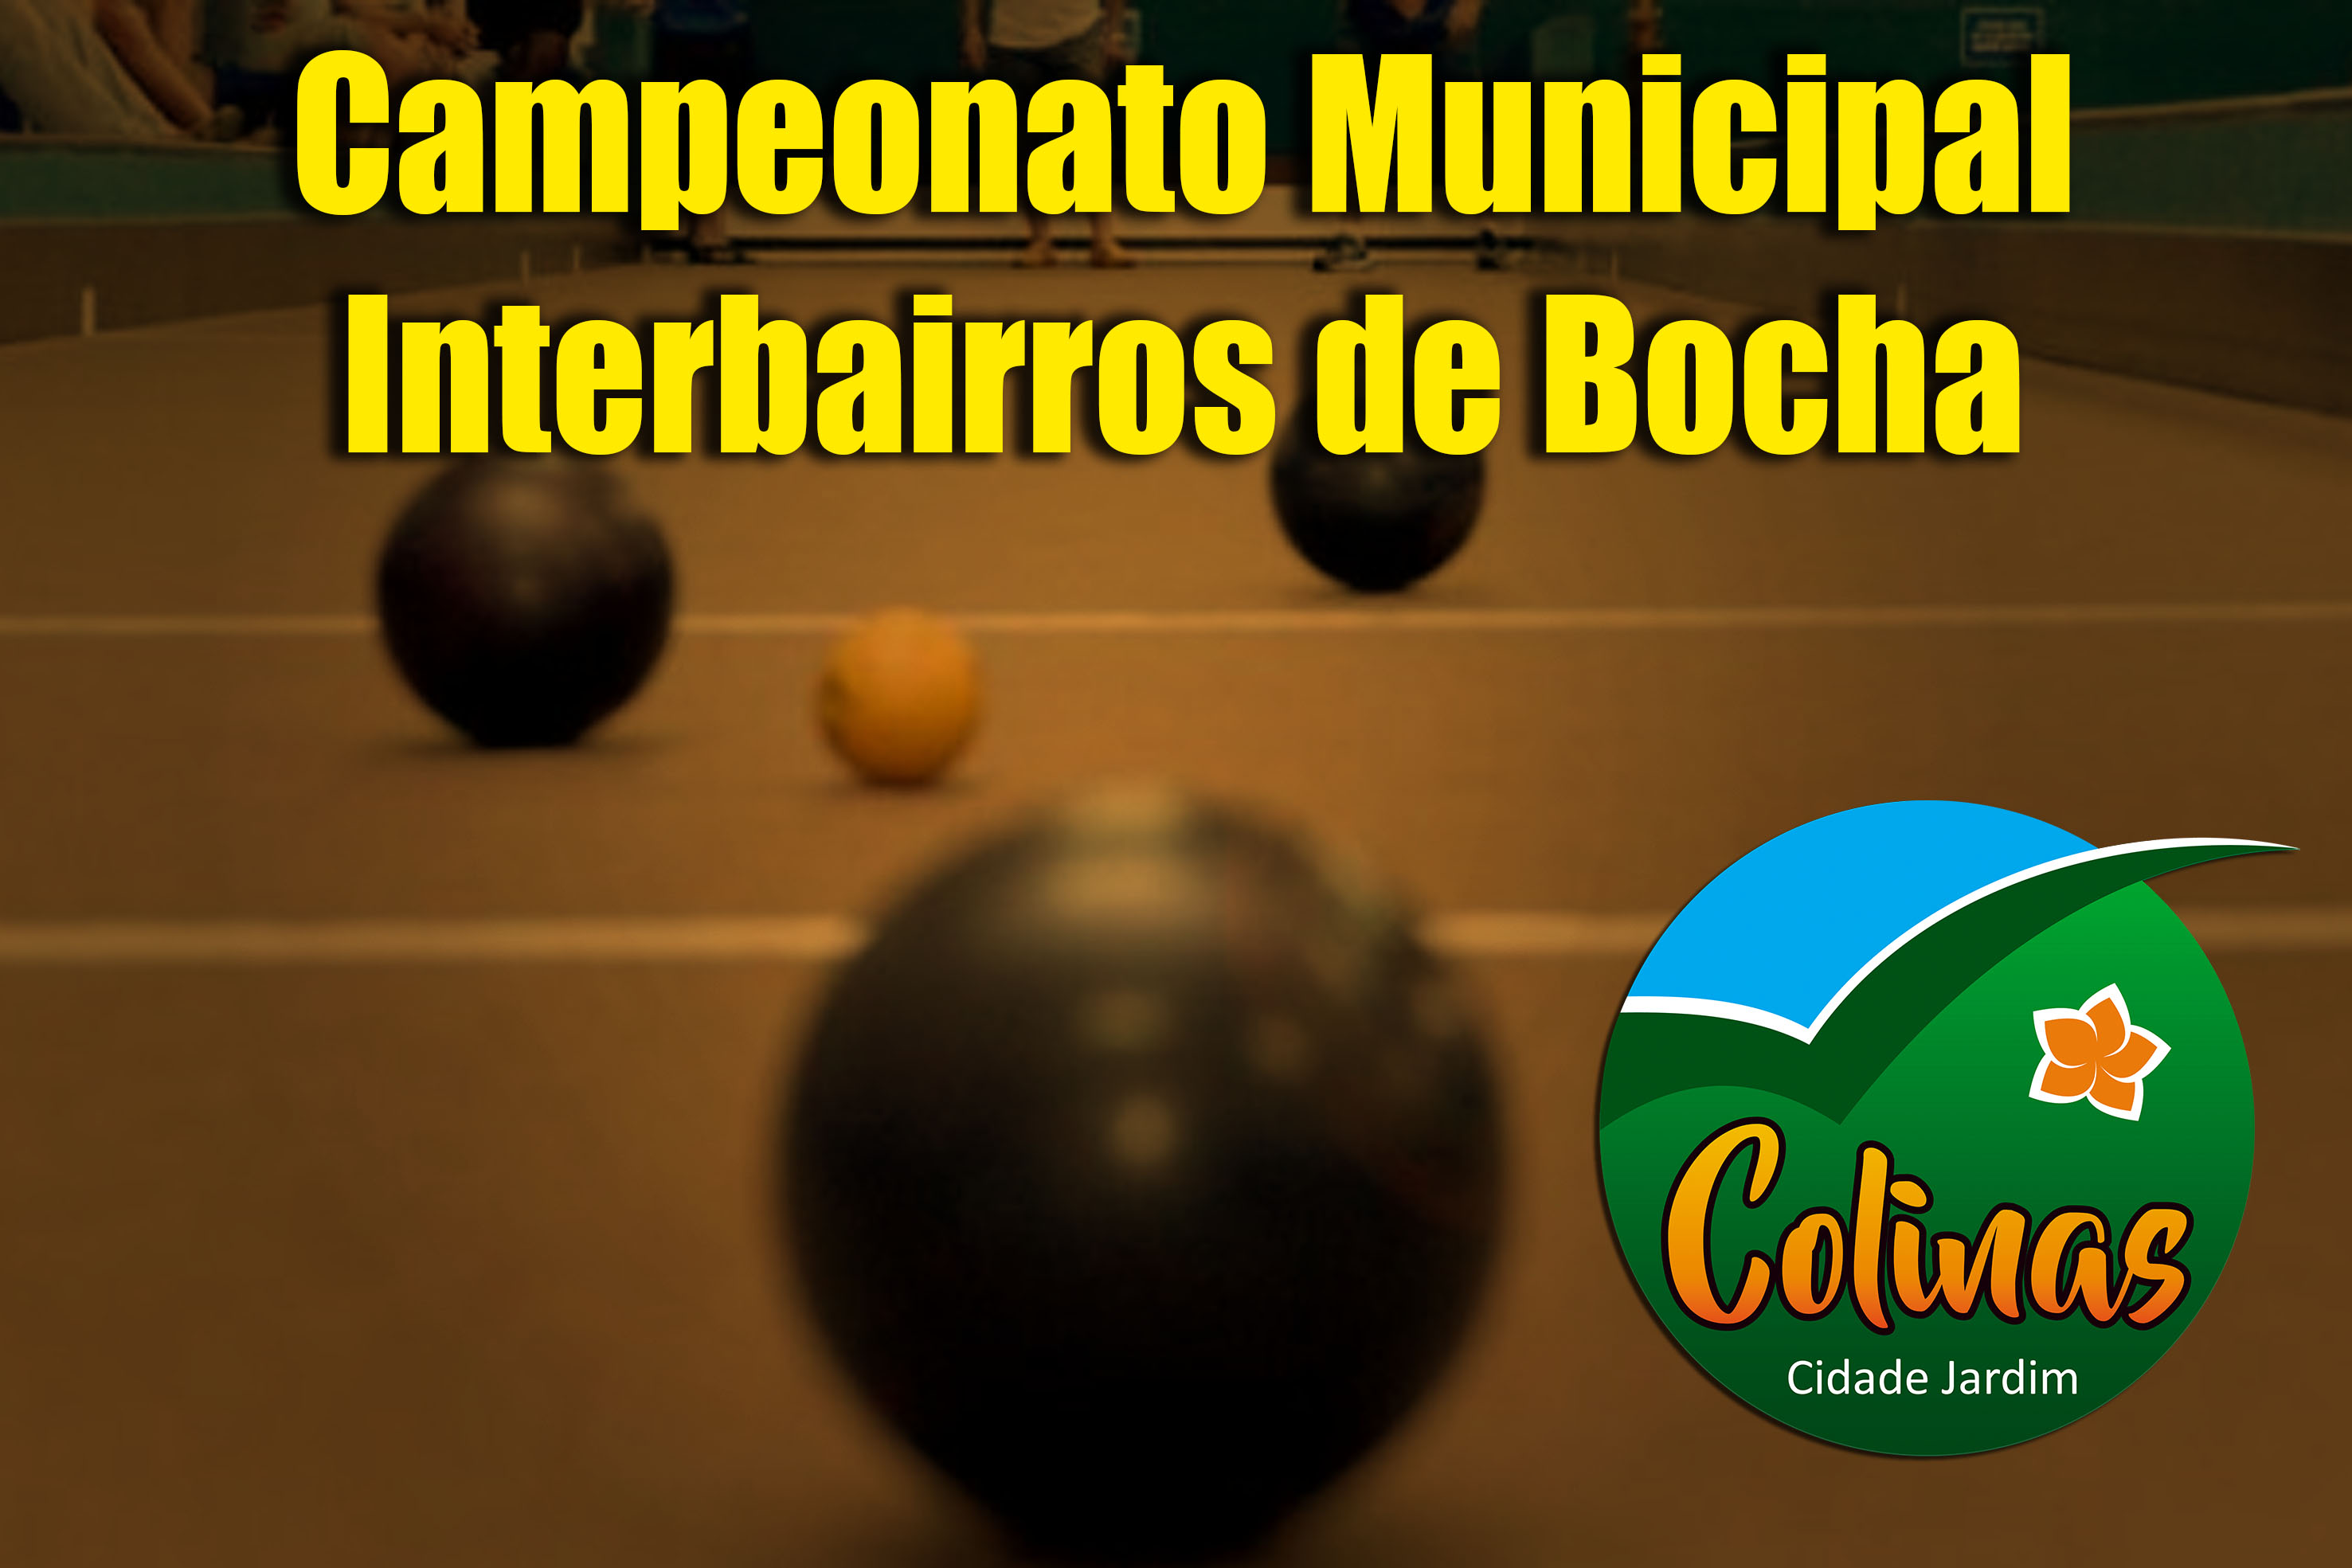 Semifinais da Bocha: Jogos de ida ocorrem sábado